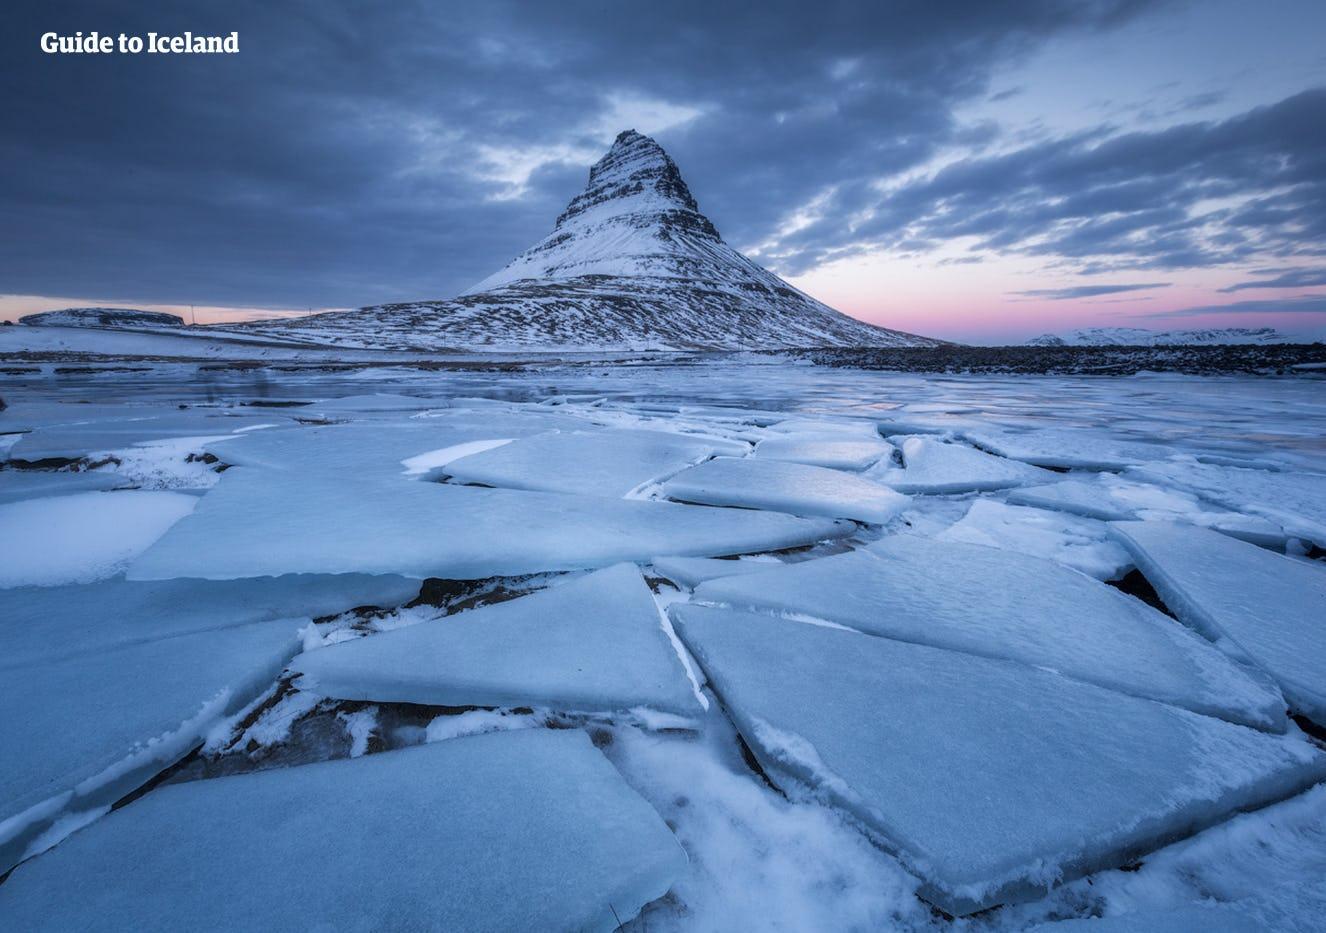 Frozen landscapes of the Snæfellsnes Peninsula surround Mount Kirkjufell.